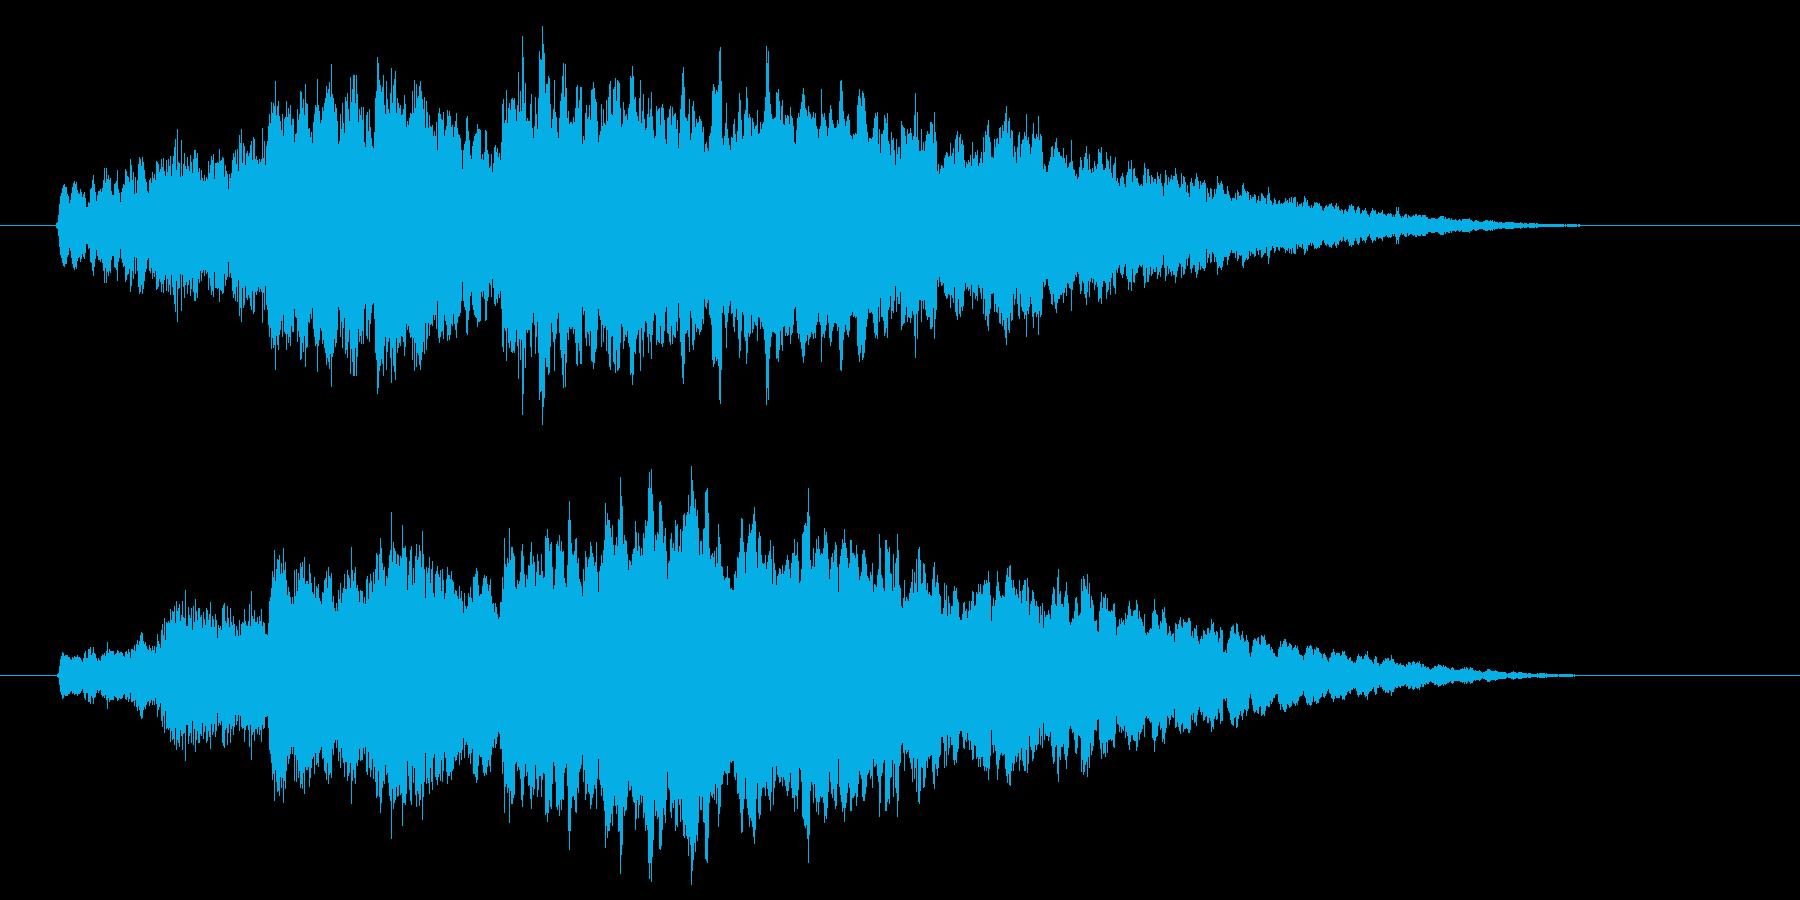 場面転換や状況(心境)変化等のSEの再生済みの波形